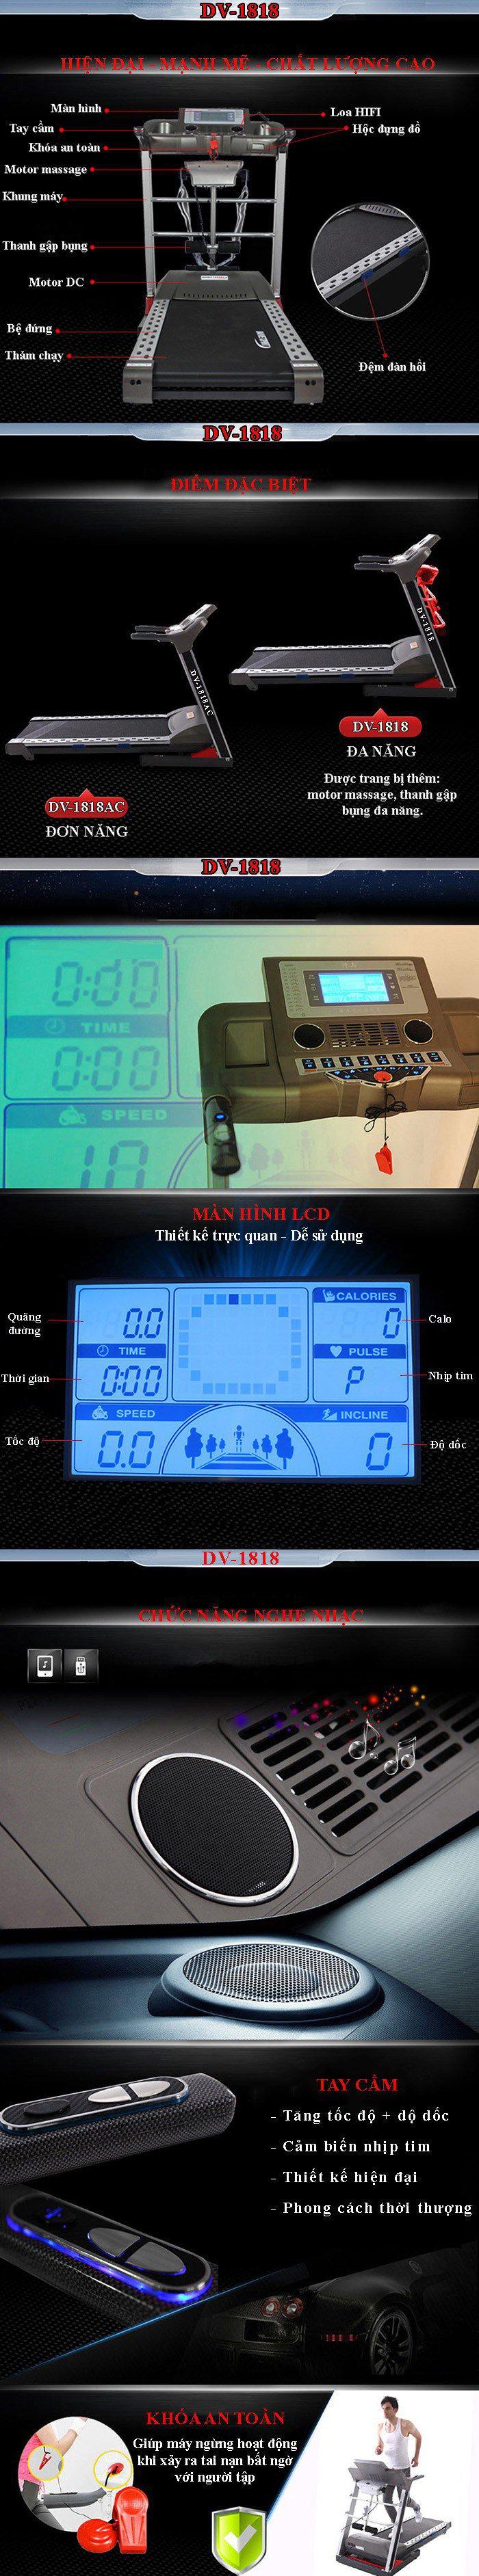 máy chạy bộ dv 1818 giúp tránh lão hóa 1